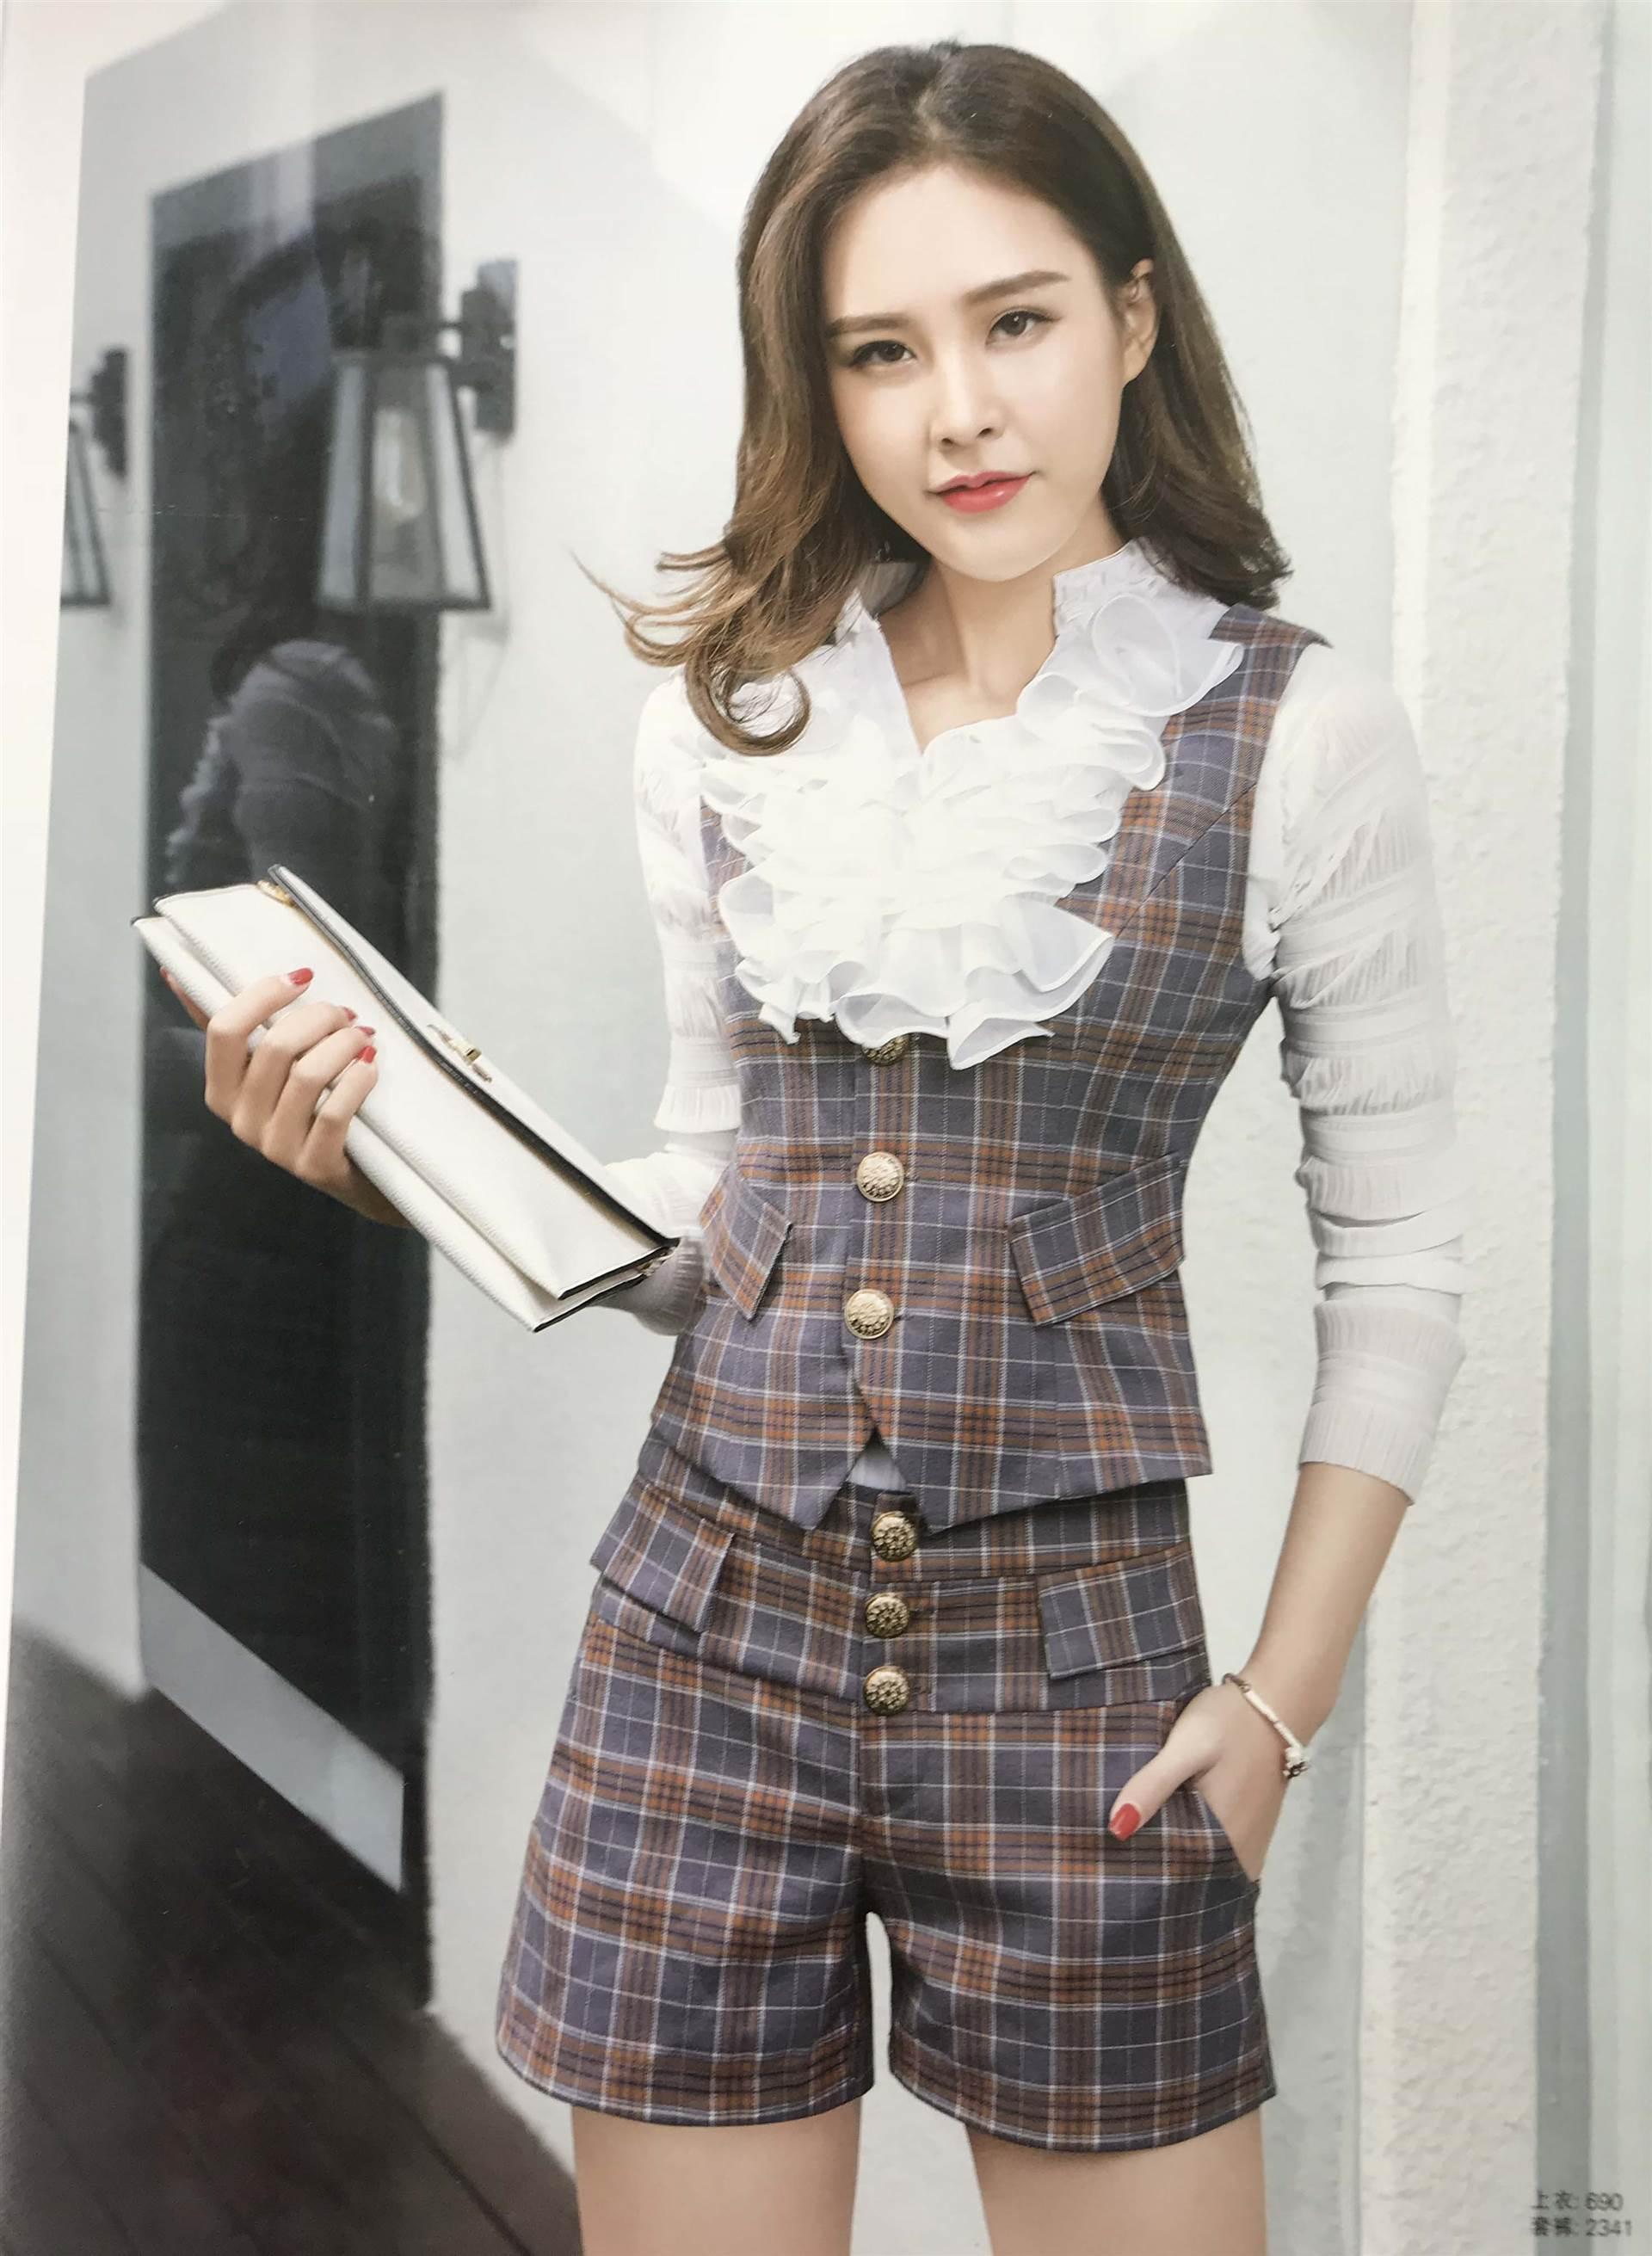 时尚秋冬白领套装折扣女装|专柜女装尾货|品牌库存服装批发